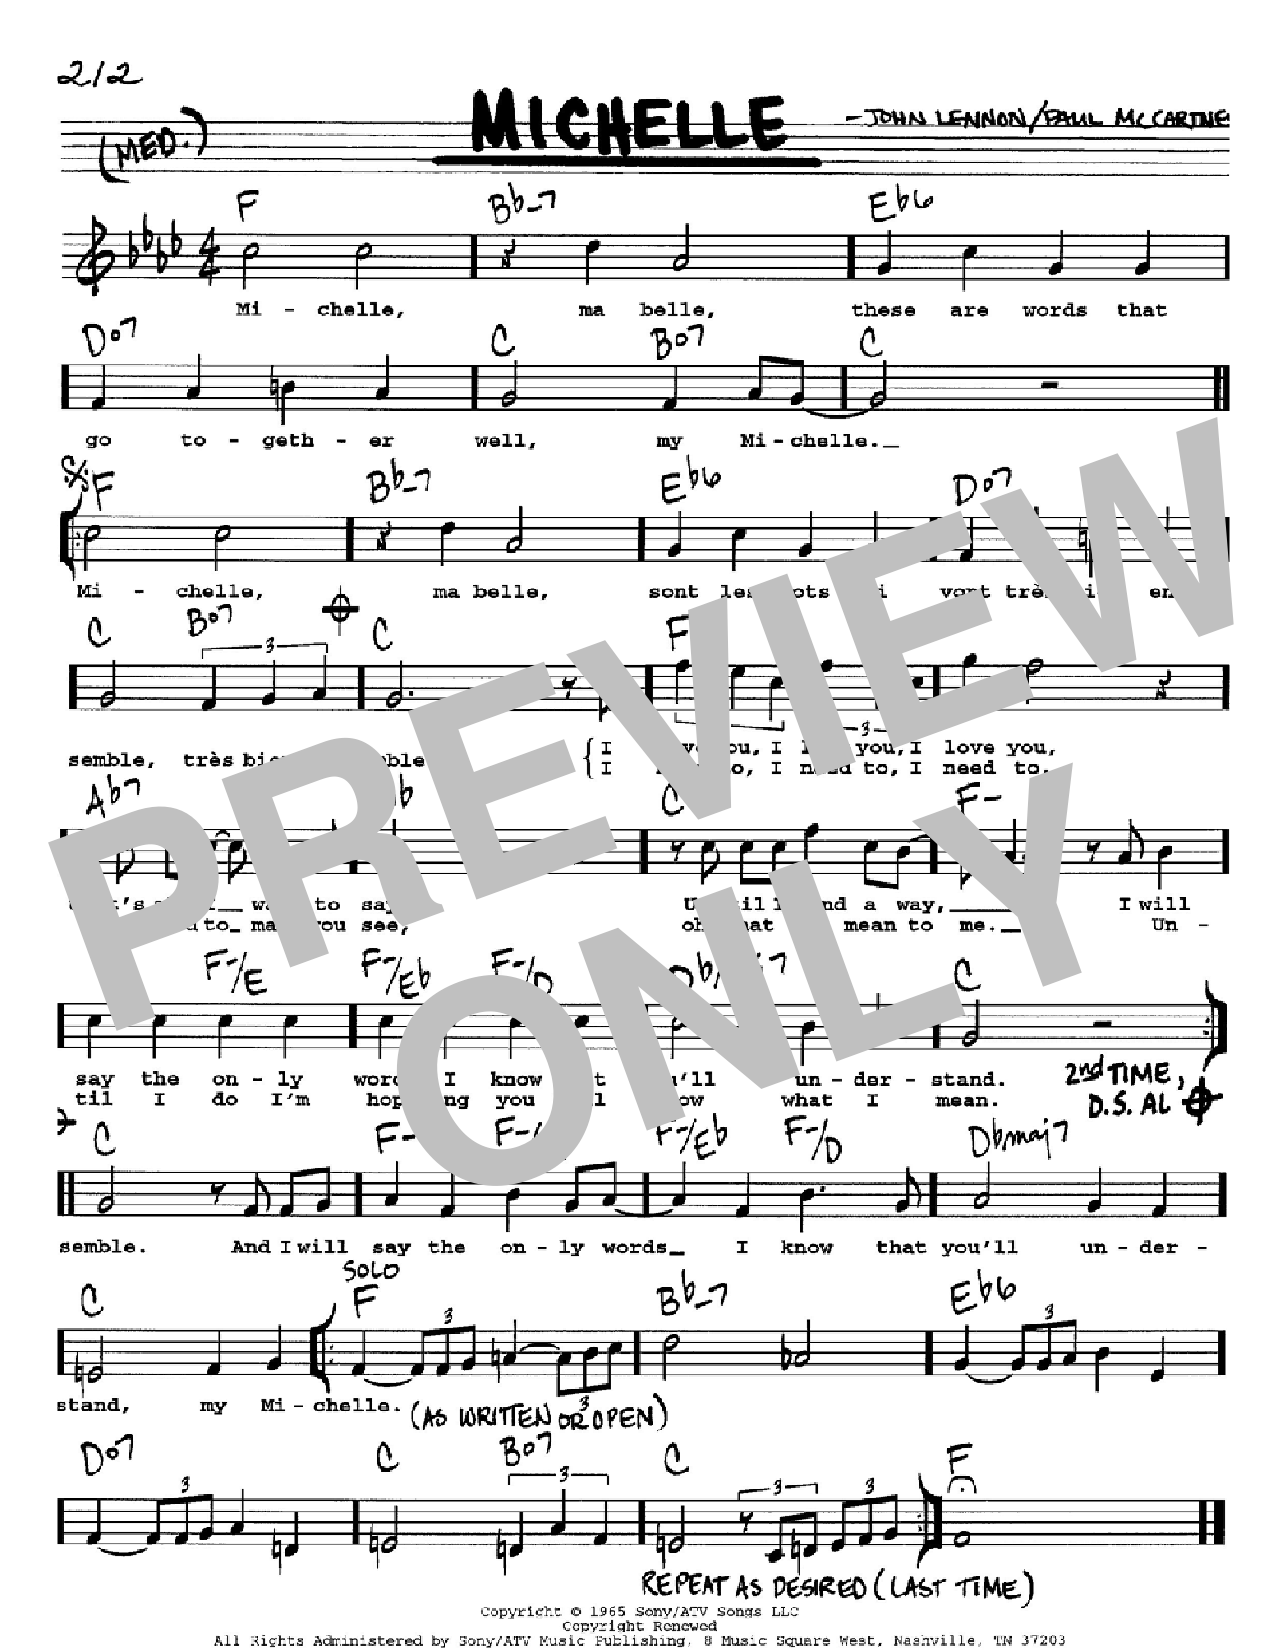 Partition autre Michelle de The Beatles - Real Book, Melodie, Paroles et Accords, Inst. En Do